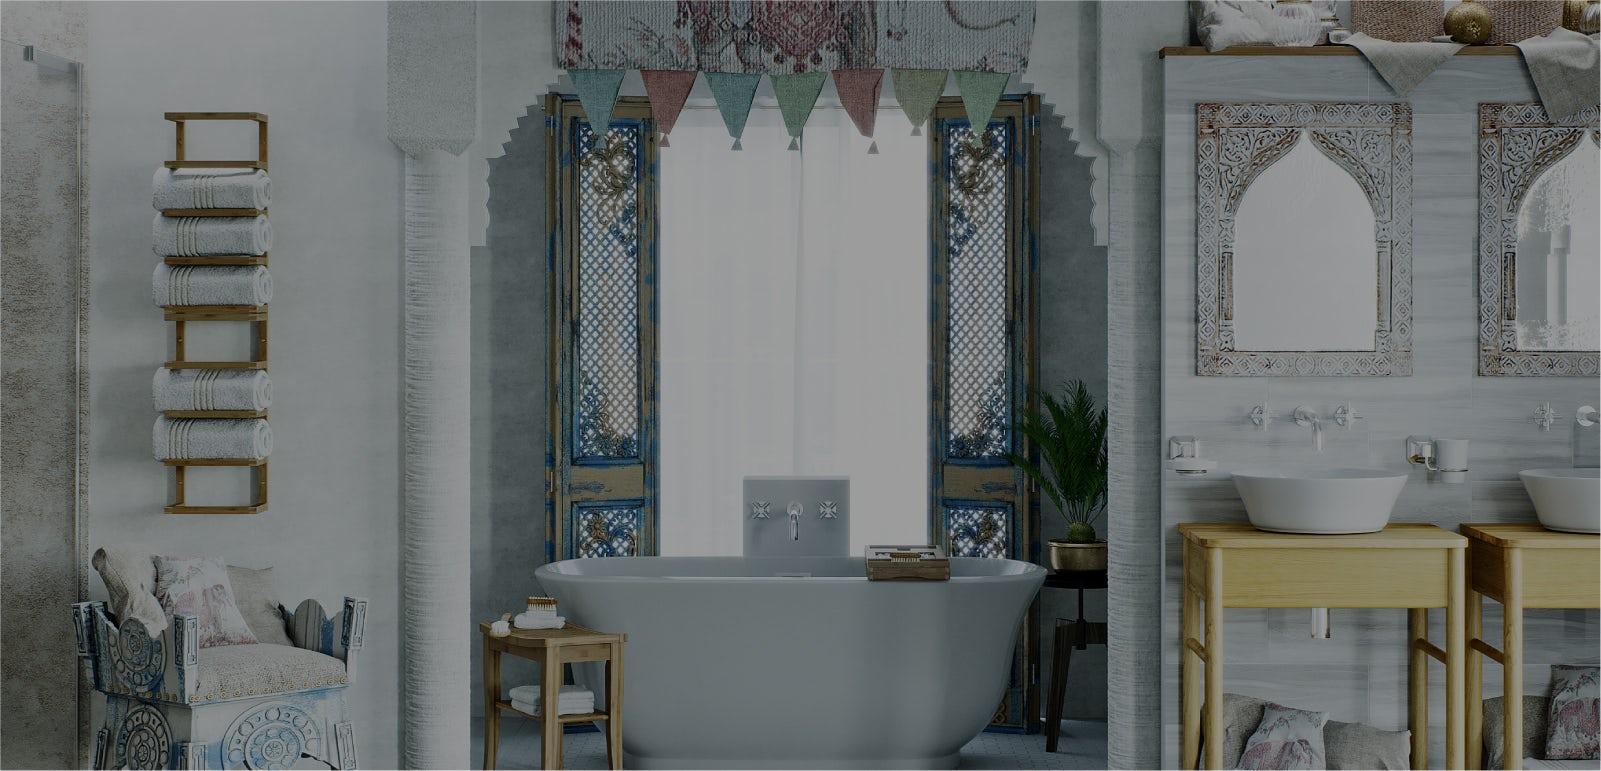 Bathroom Ideas: Go Global—India